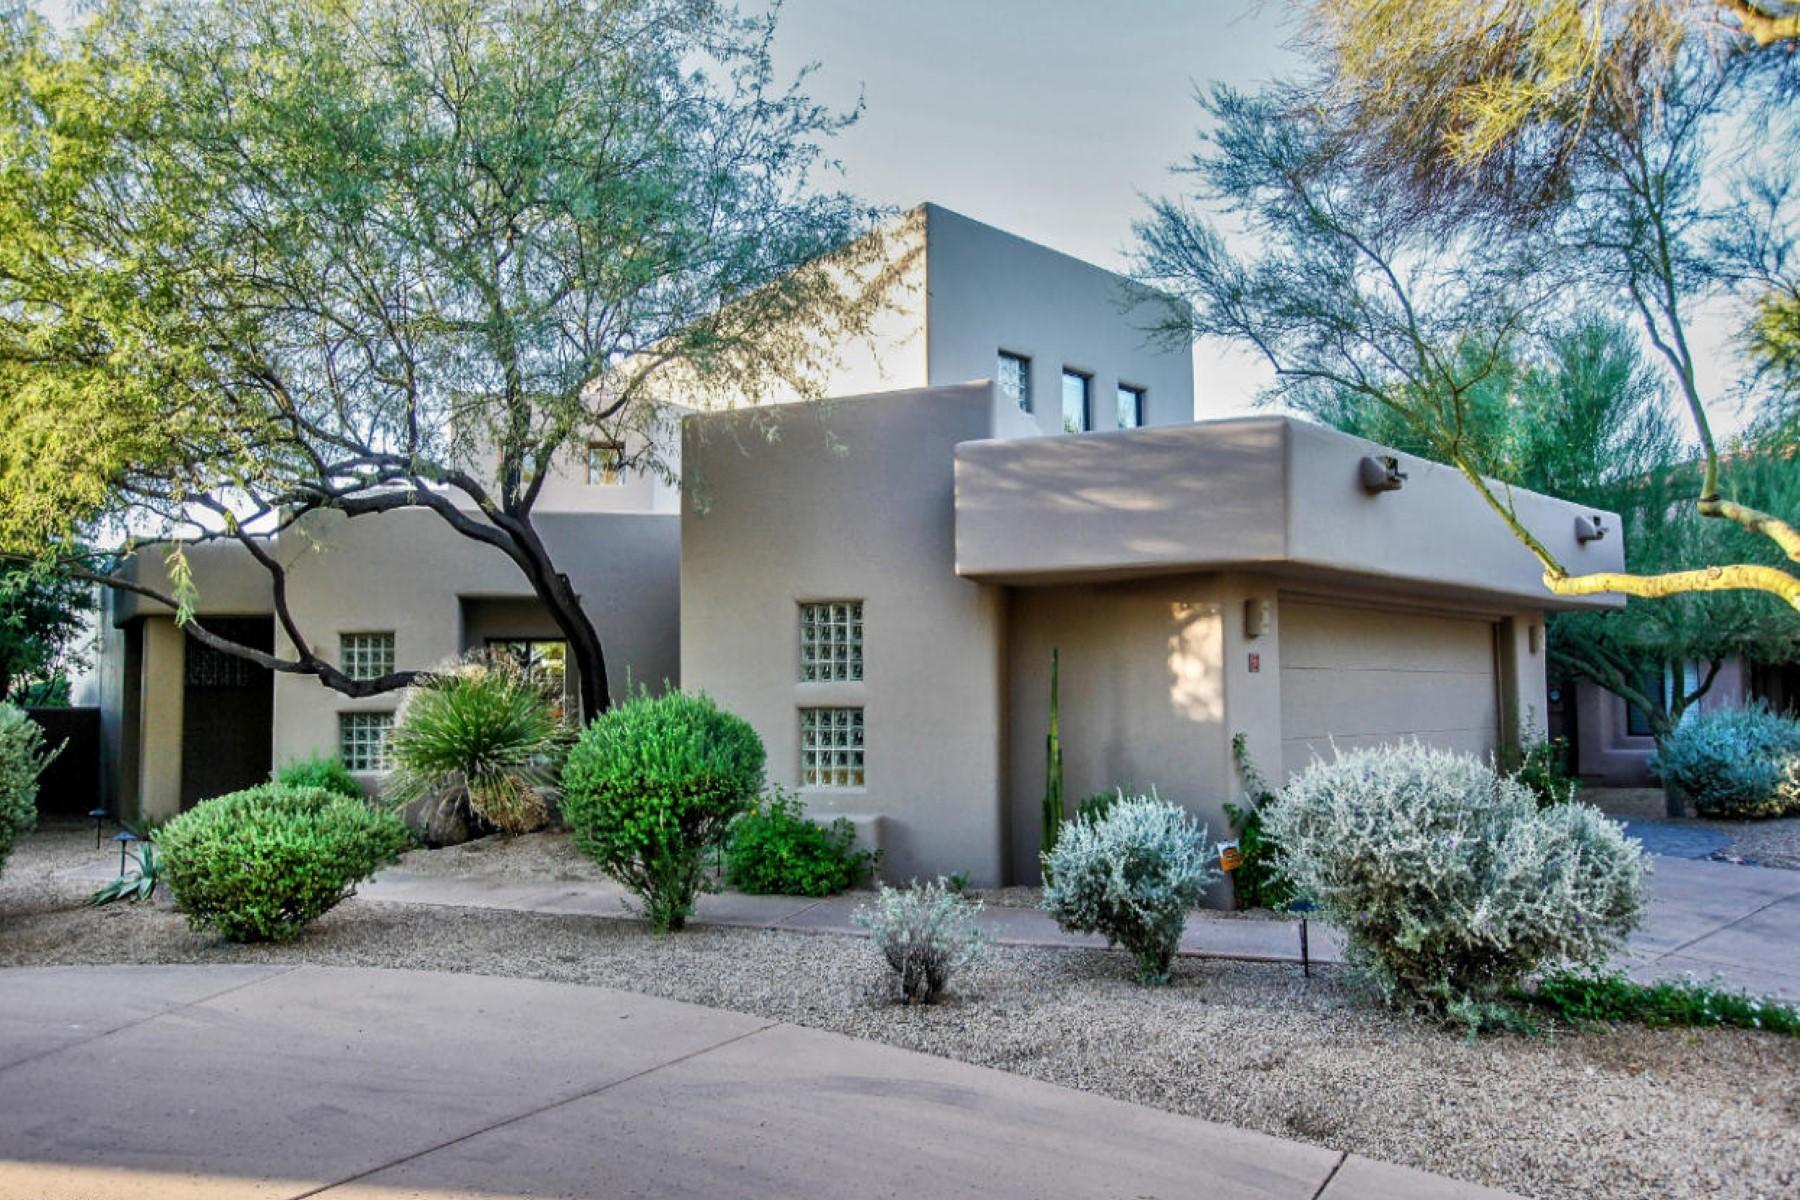 獨棟家庭住宅 為 出售 在 Absolutely gorgeous, furnished contemporary home on the golf course 7500 E Boulders Pkwy #63 Scottsdale, 亞利桑那州 85266 美國